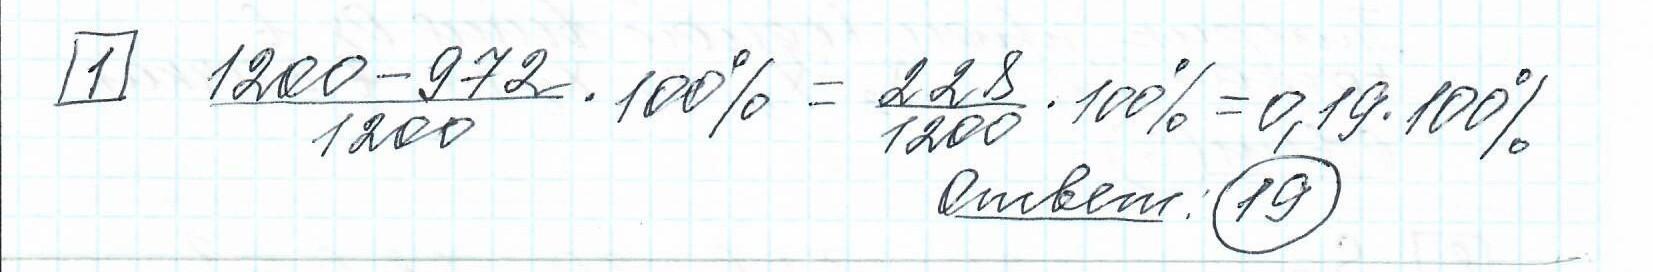 Задние 1, Вариант 5, решение и ответ - Ященко ЕГЭ 2019 математика профиль 36 вариантов